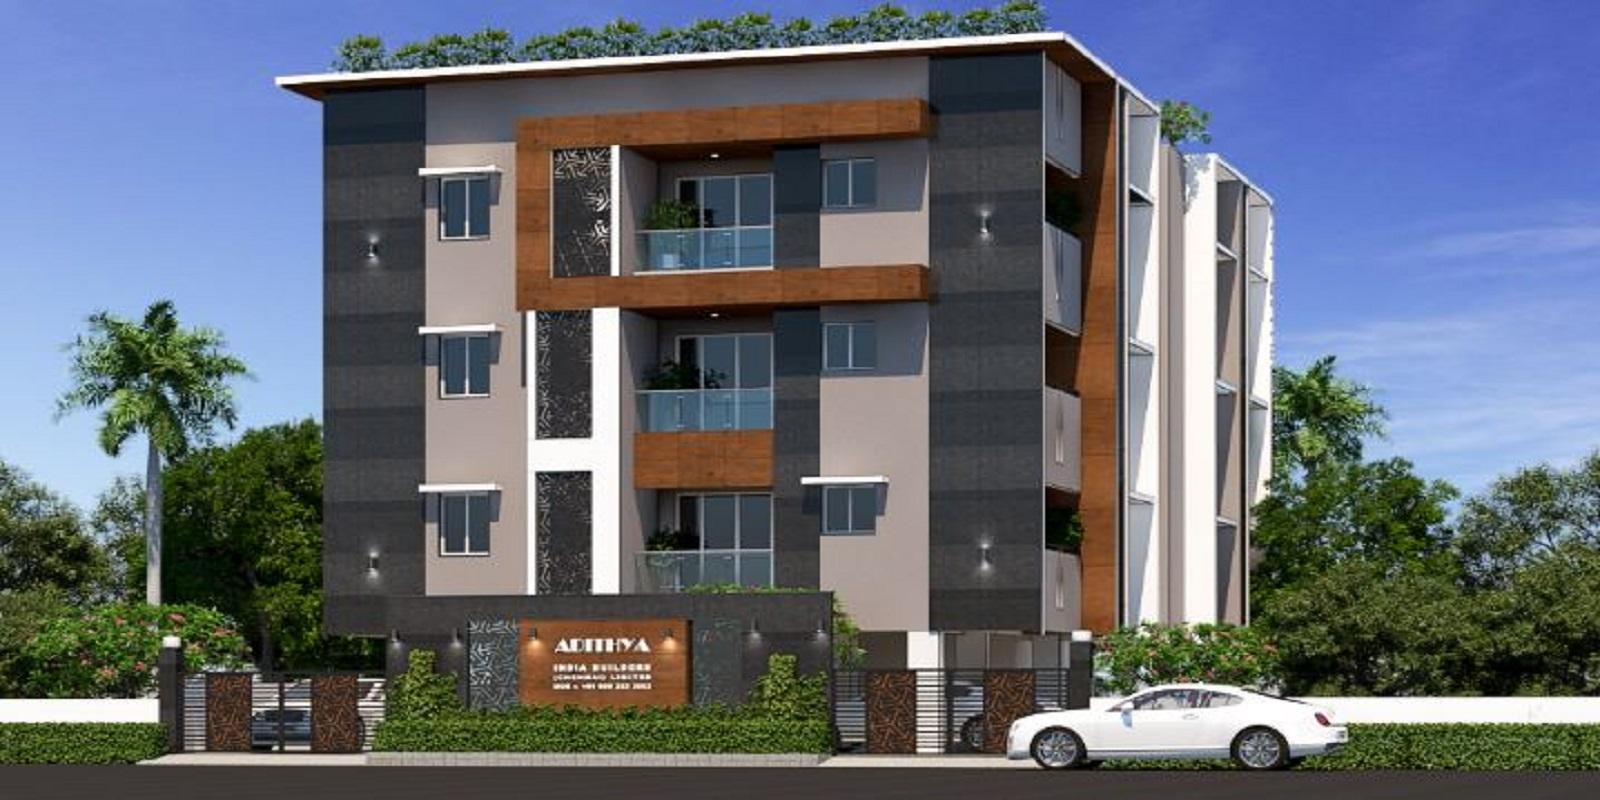 india adithya project large image2